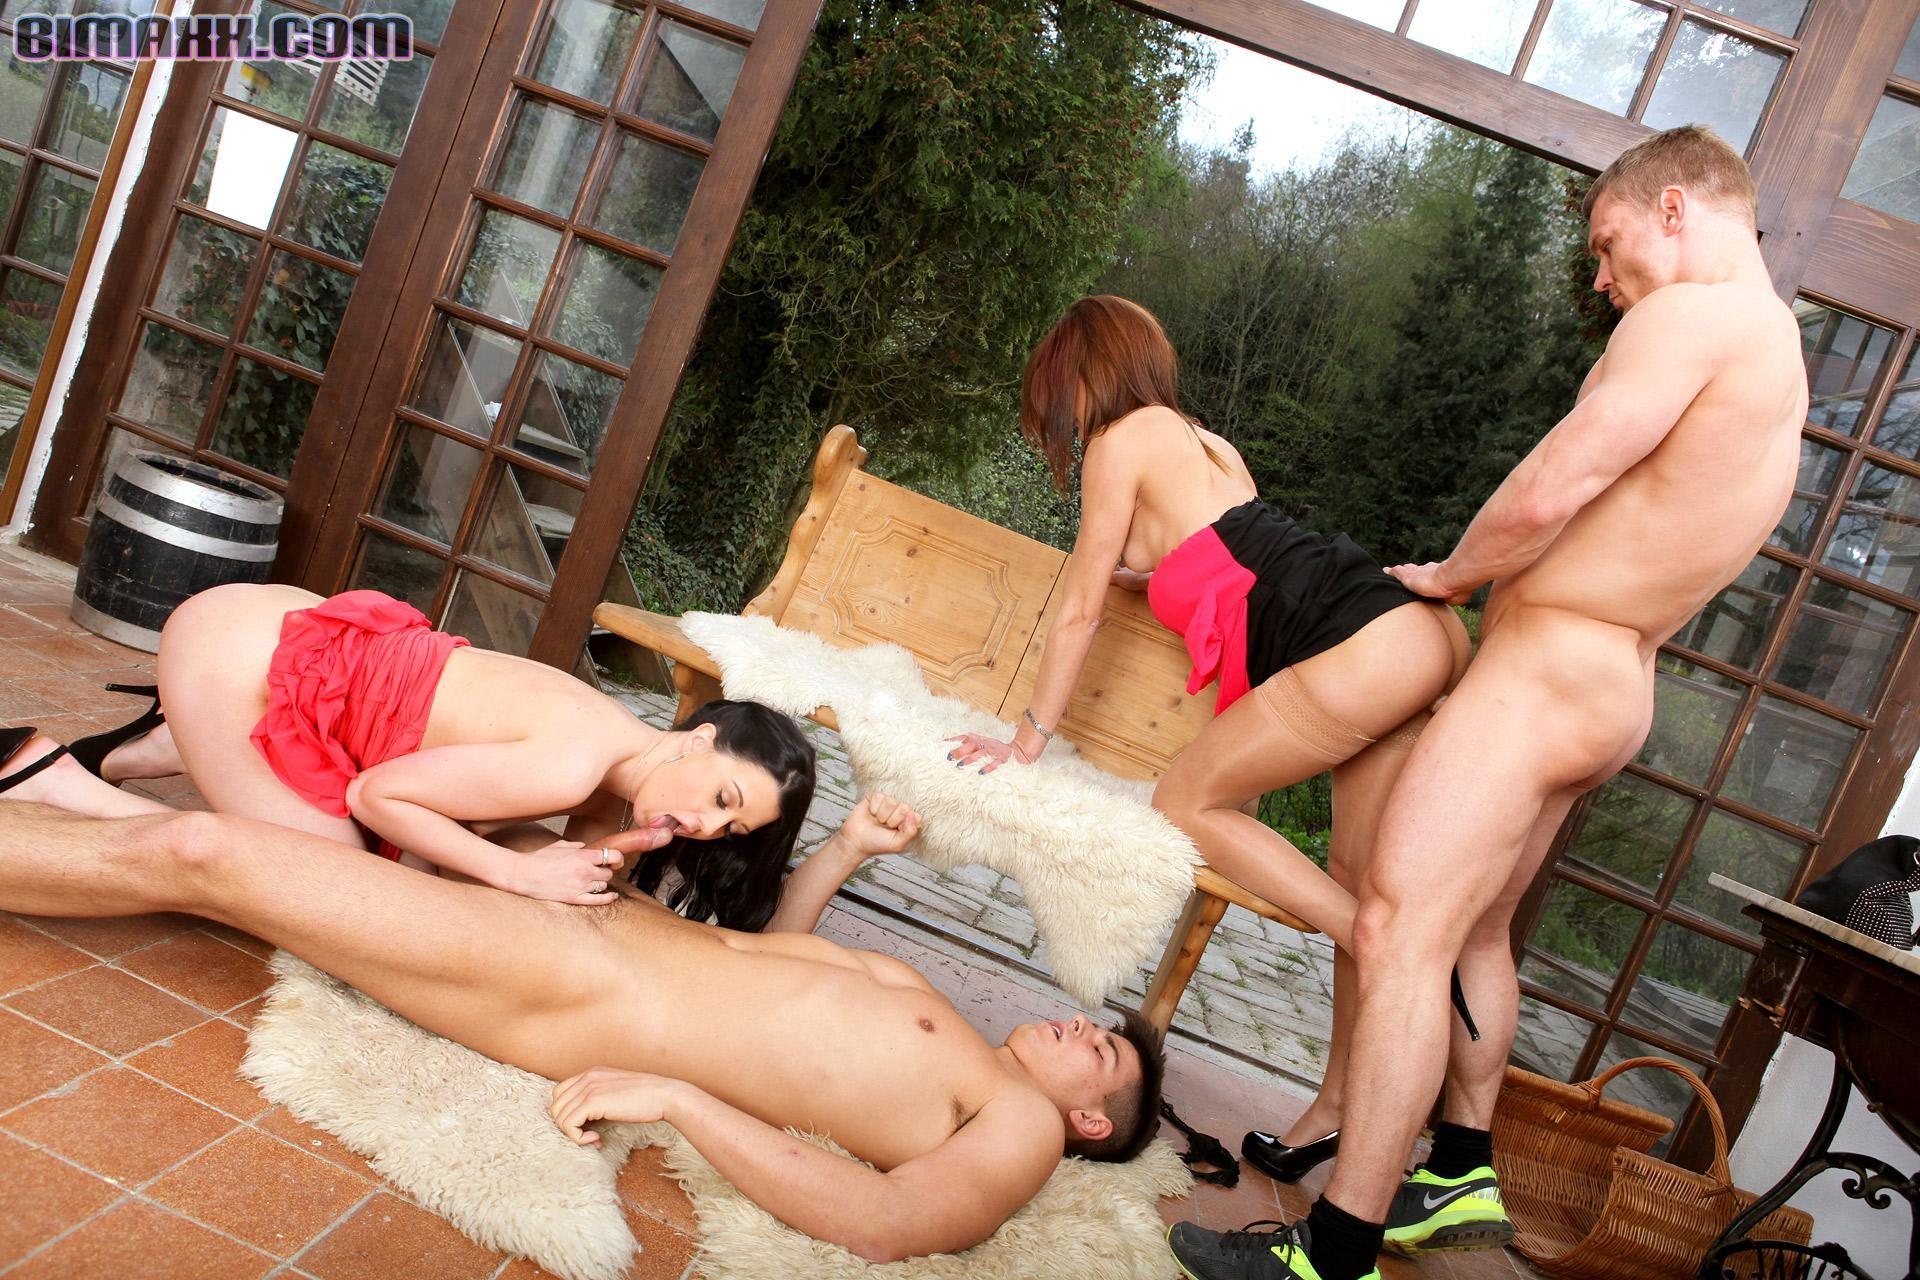 Бисексуальная групповушка